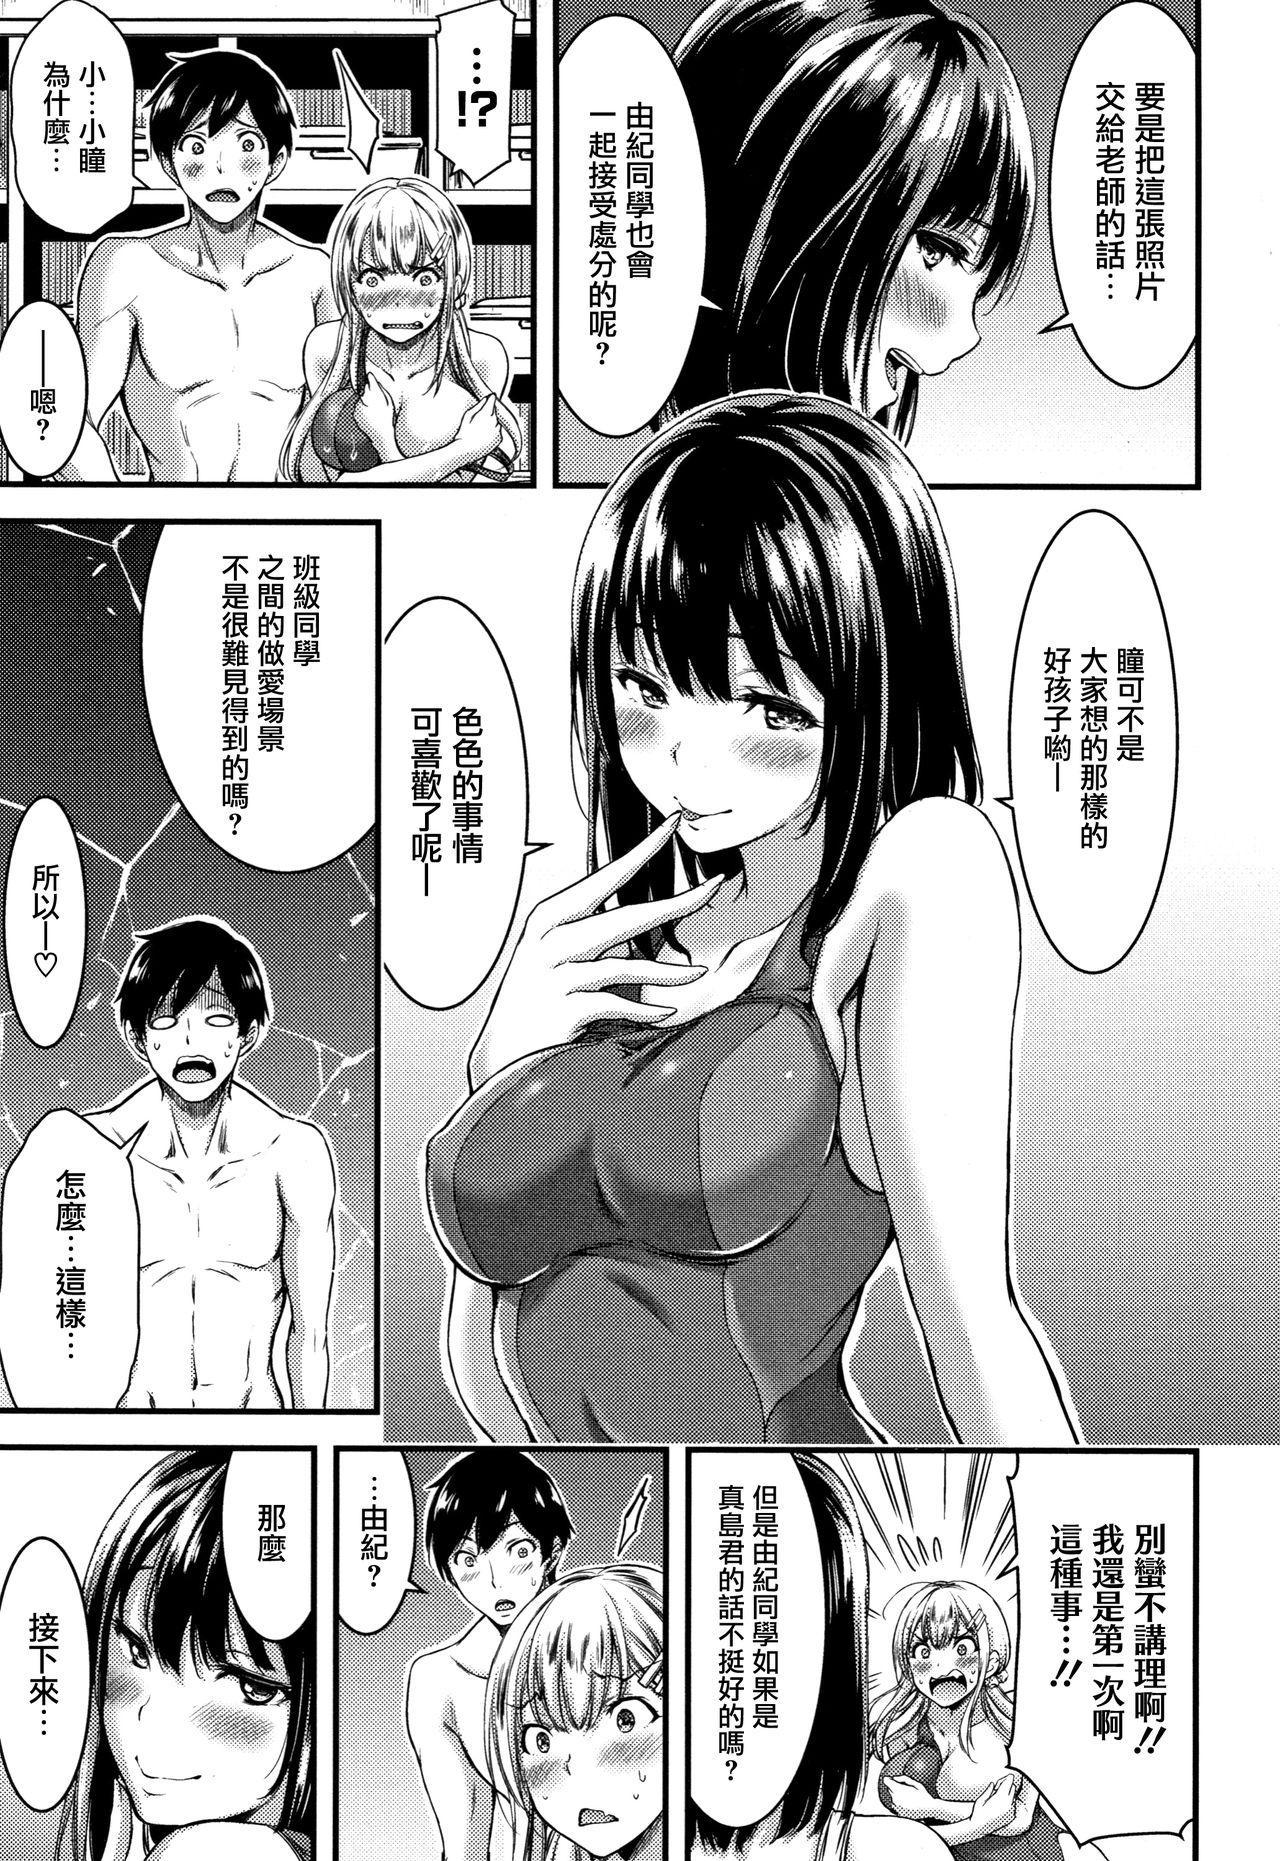 Nichijou Bitch Seitai Kansatsu 13